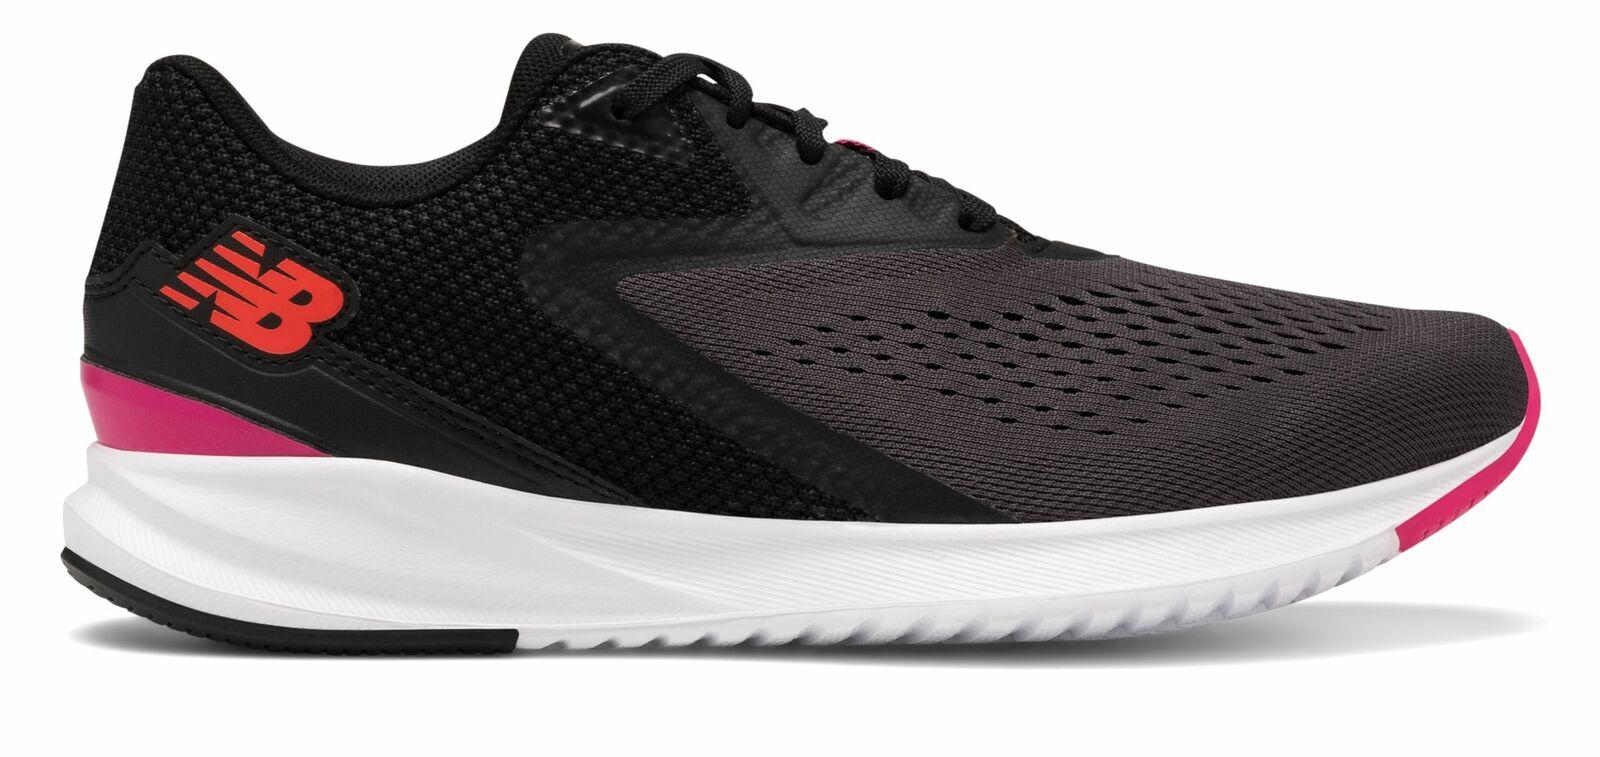 New Balance Femme fuelcore VIZO Pro Run chaussures noir Avec rouge